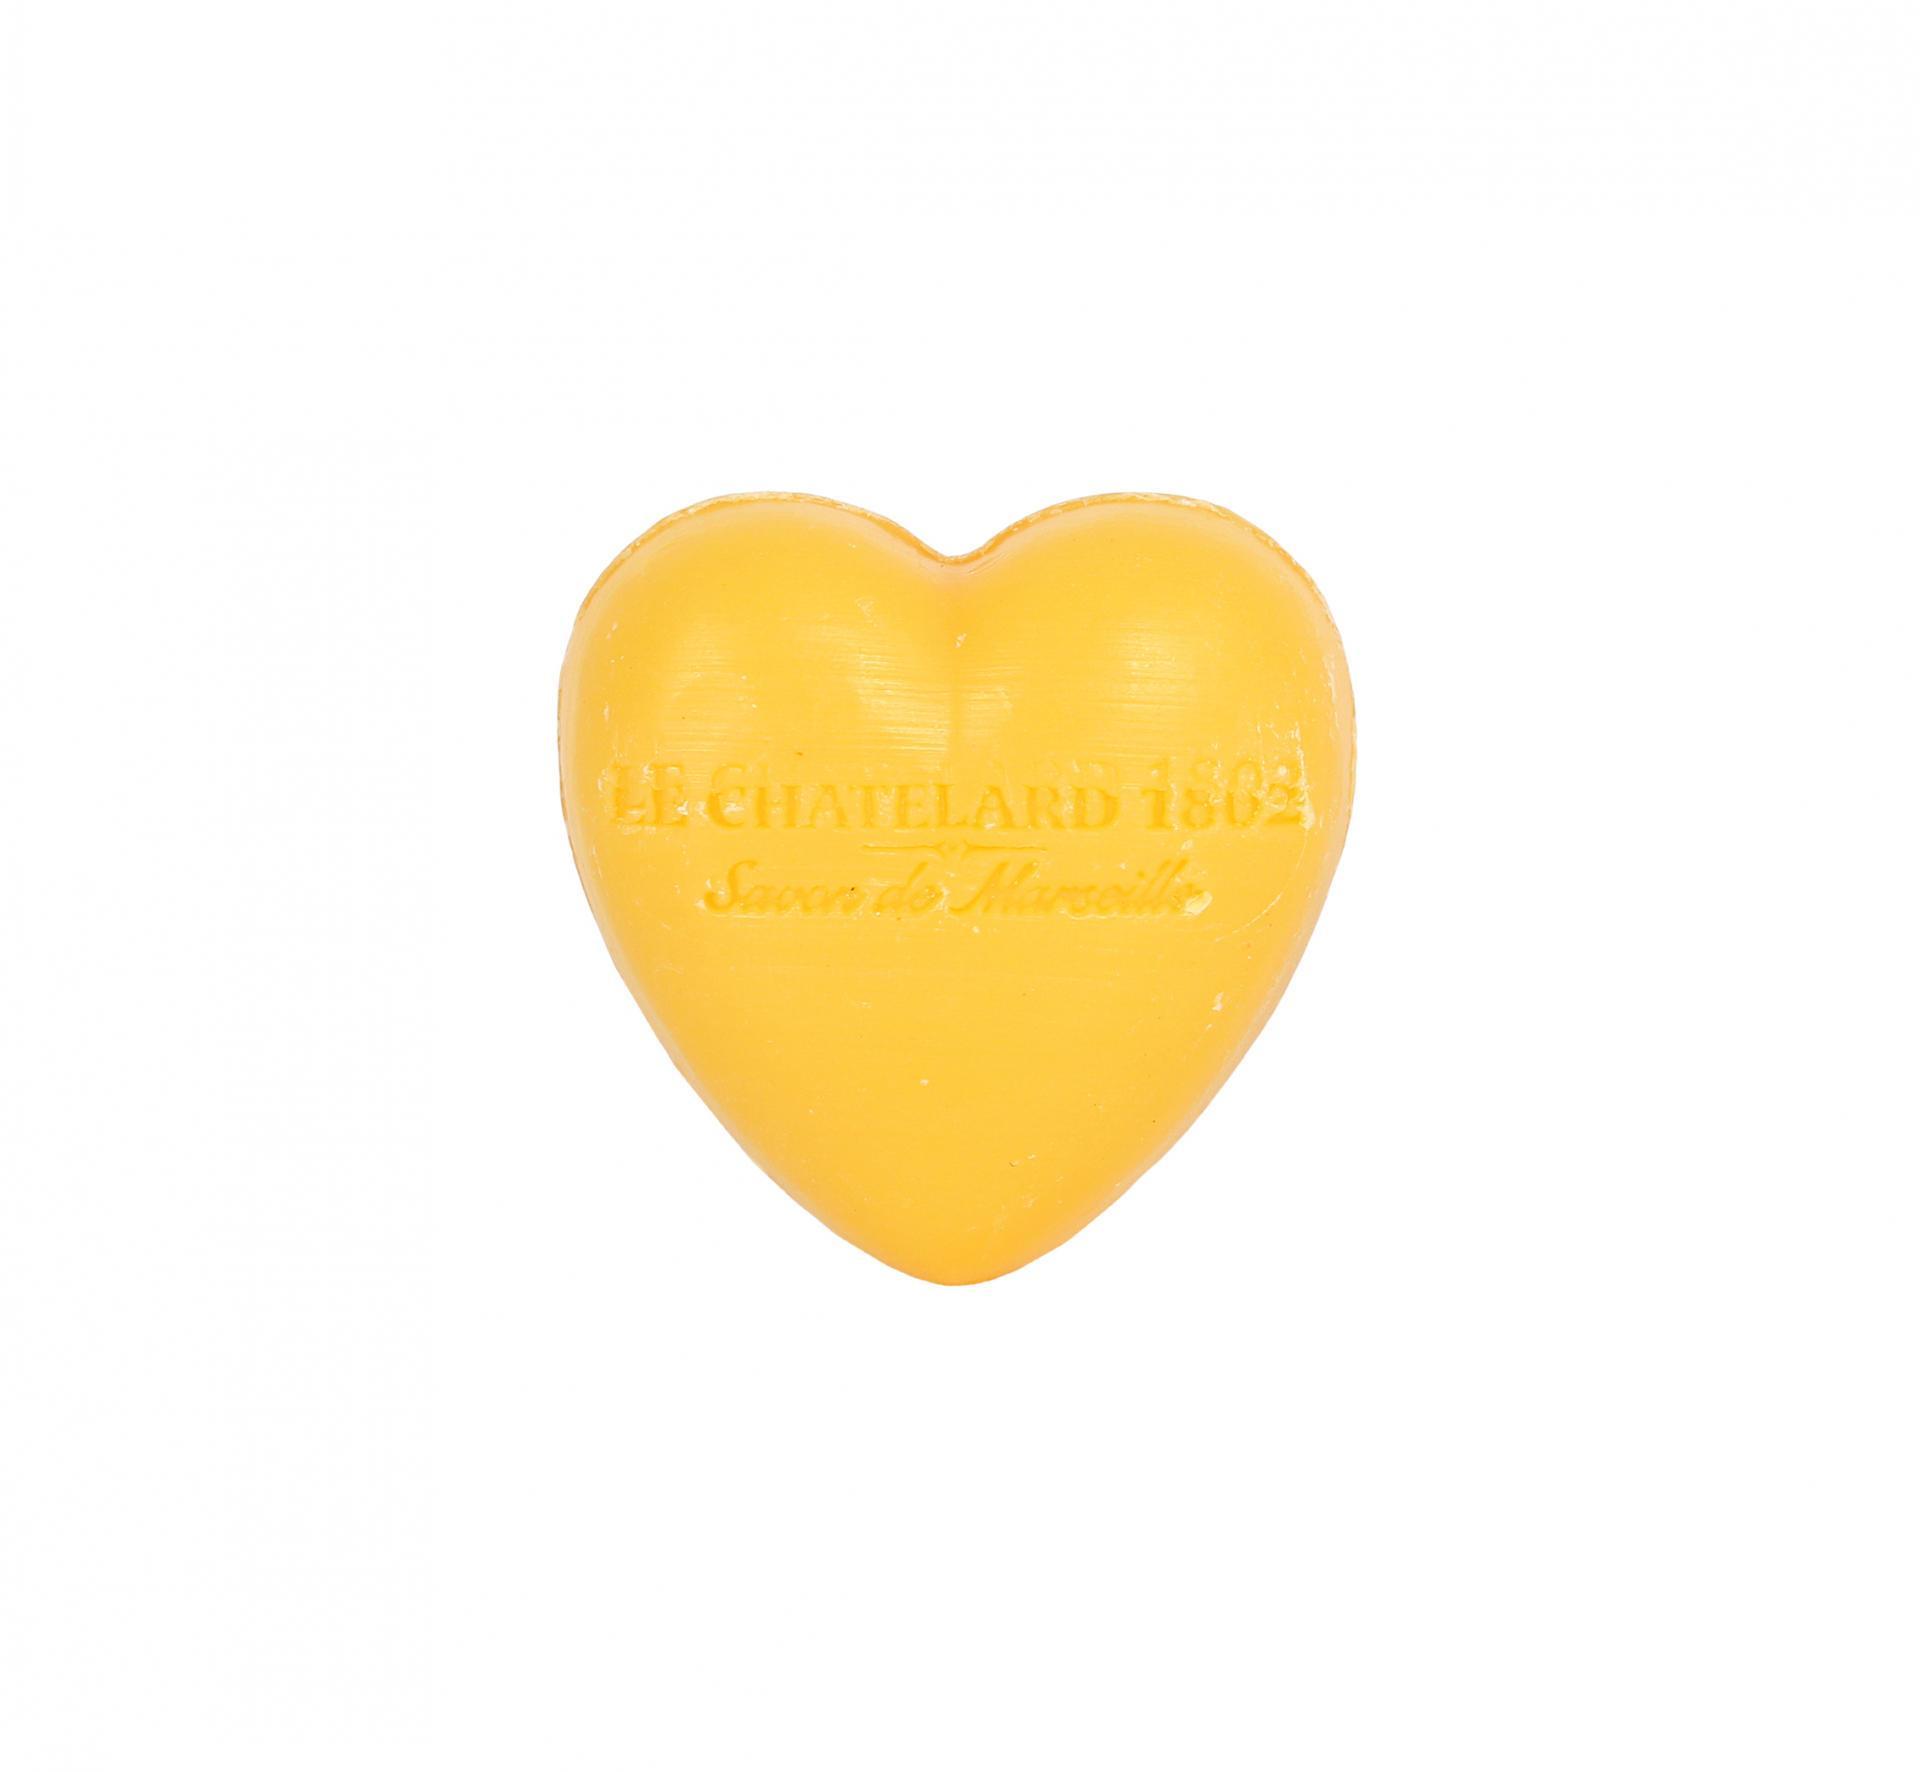 LE CHATELARD Francouzské mýdlo Heart - Mandarinka a limetka 25gr, žlutá barva, oranžová barva